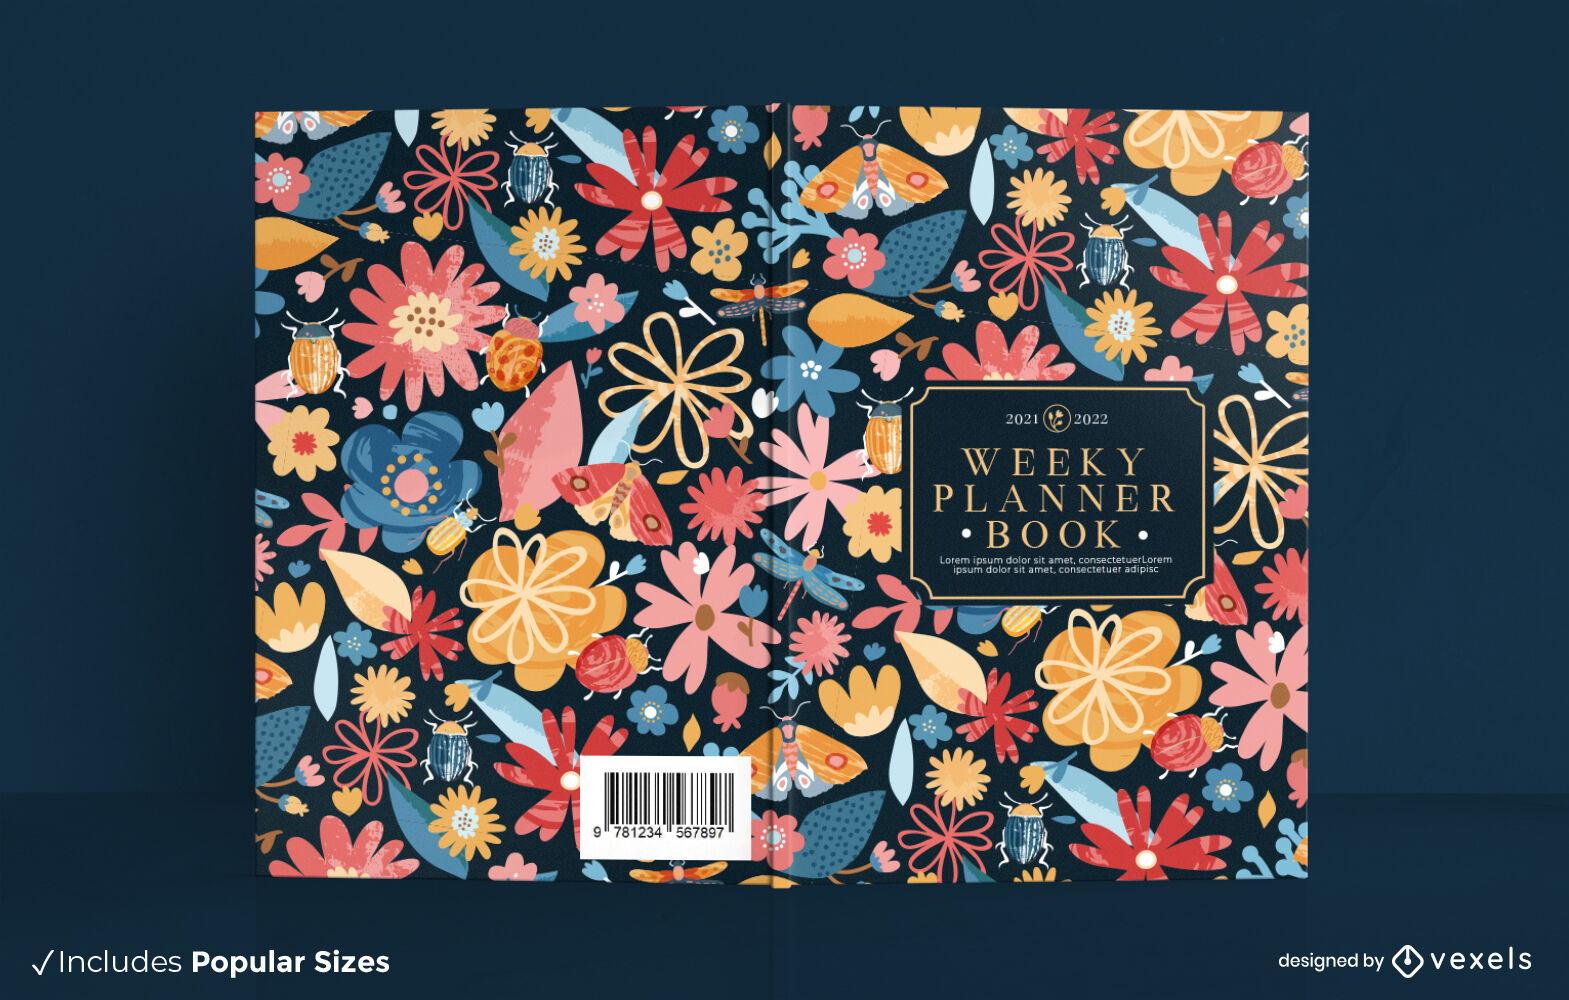 Dise?o de portada de libro de planificador semanal floral